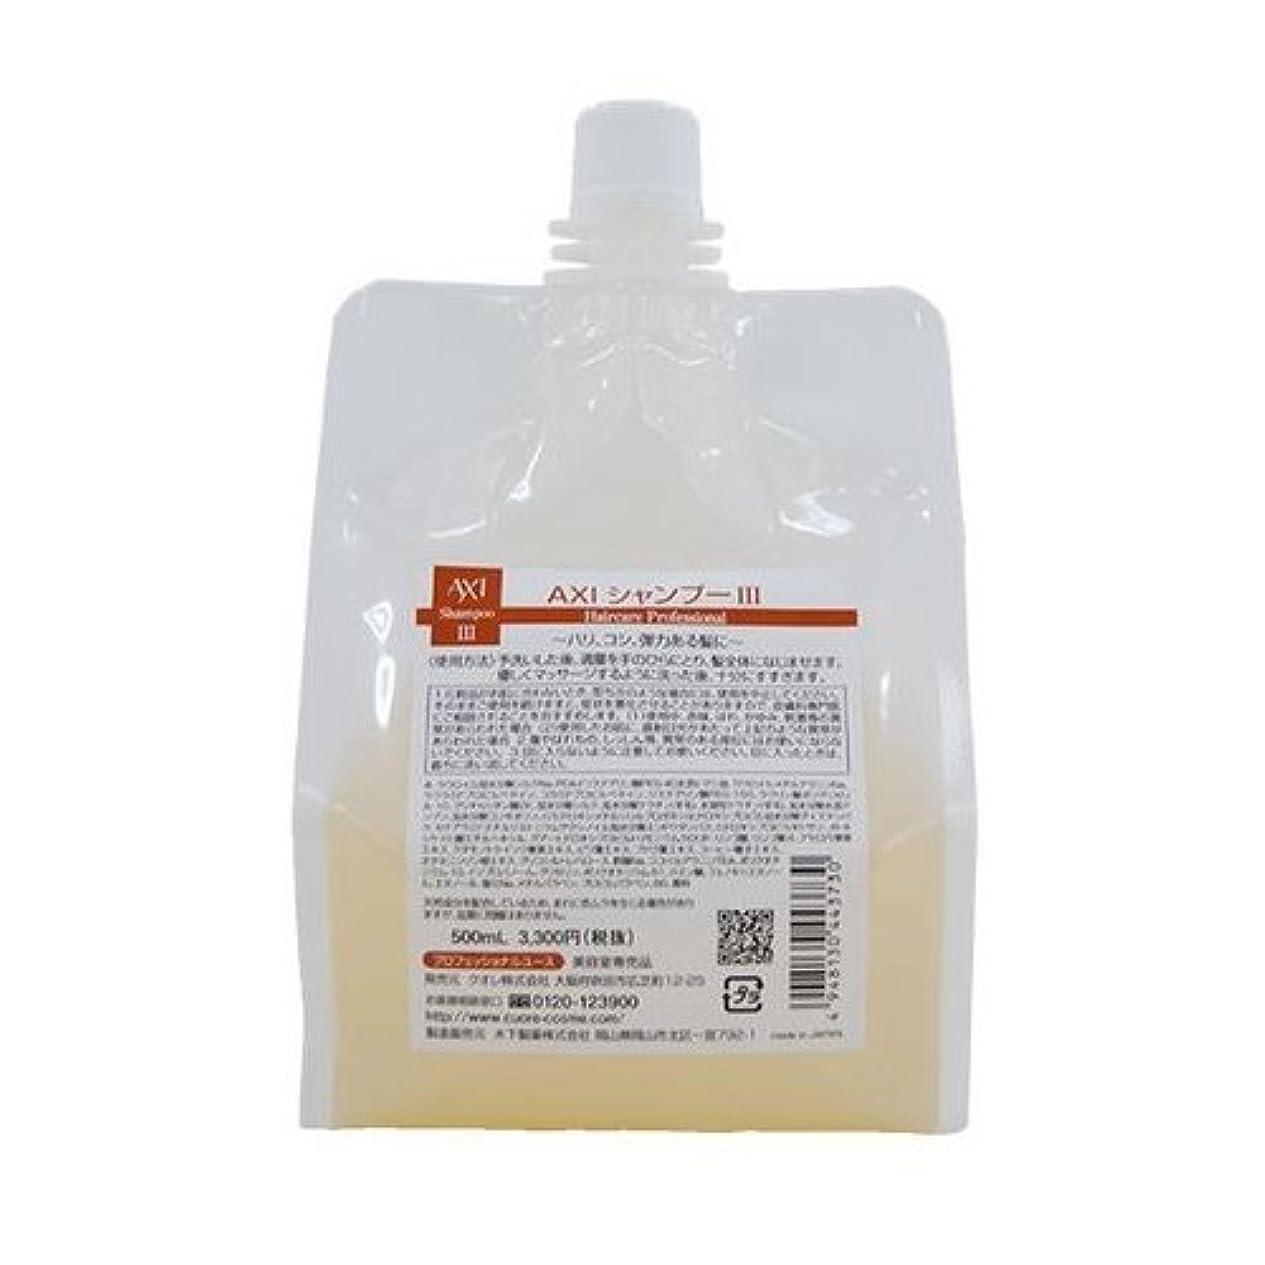 池つぶやき首新製品 クオレ AXI シャンプー Ⅲ 500ml 詰替え用